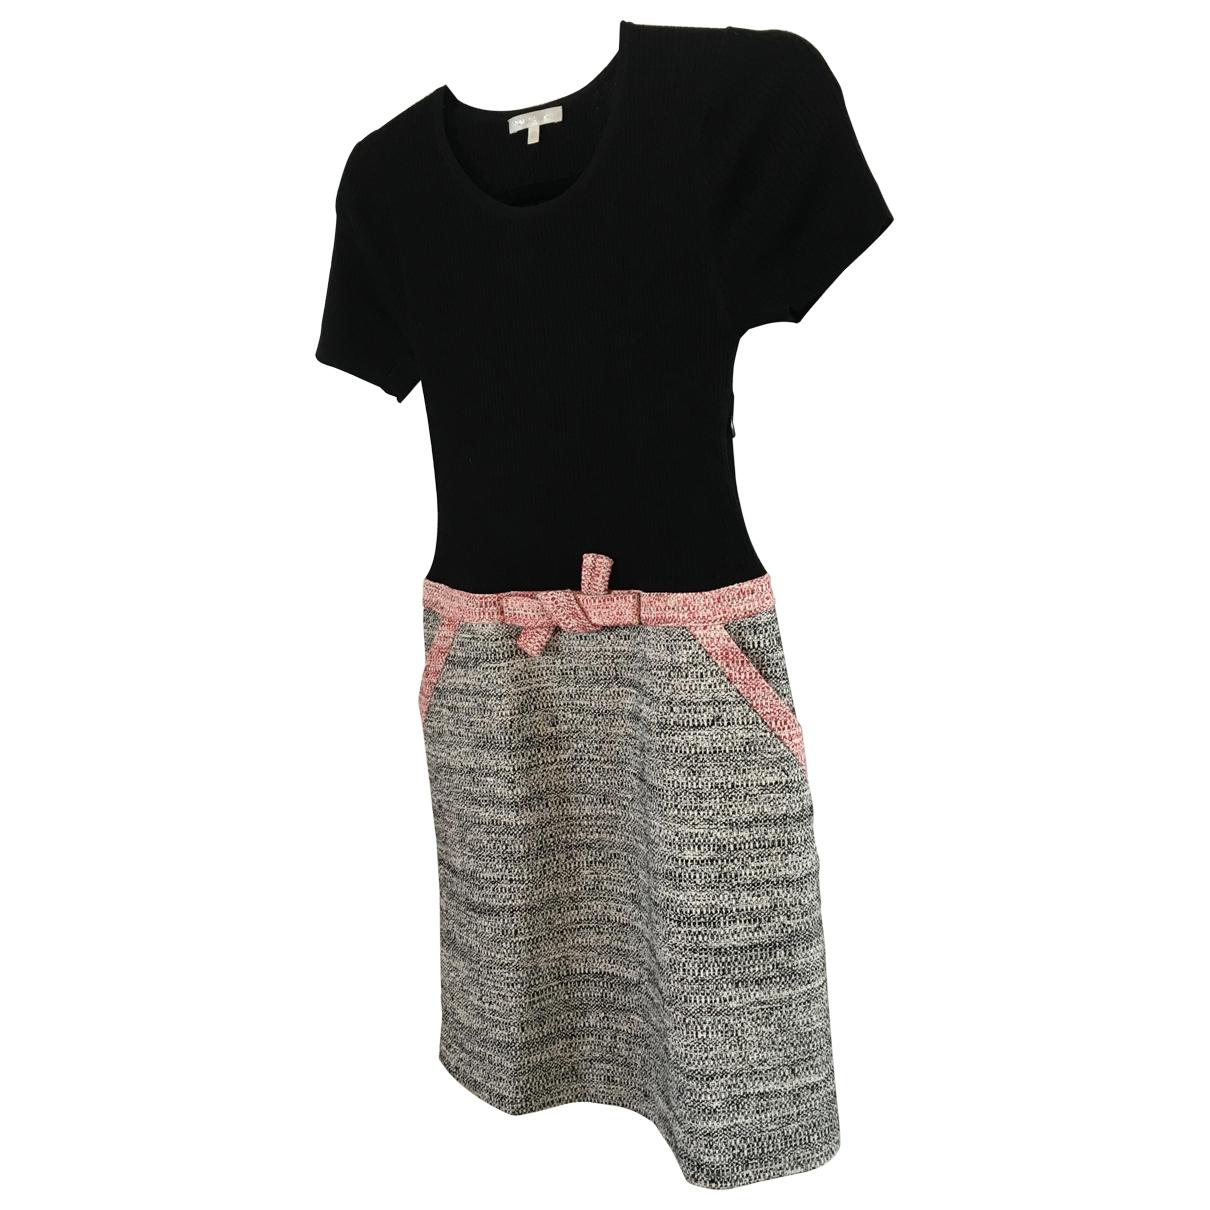 Paule Ka \N Black Tweed dress for Women 40 IT